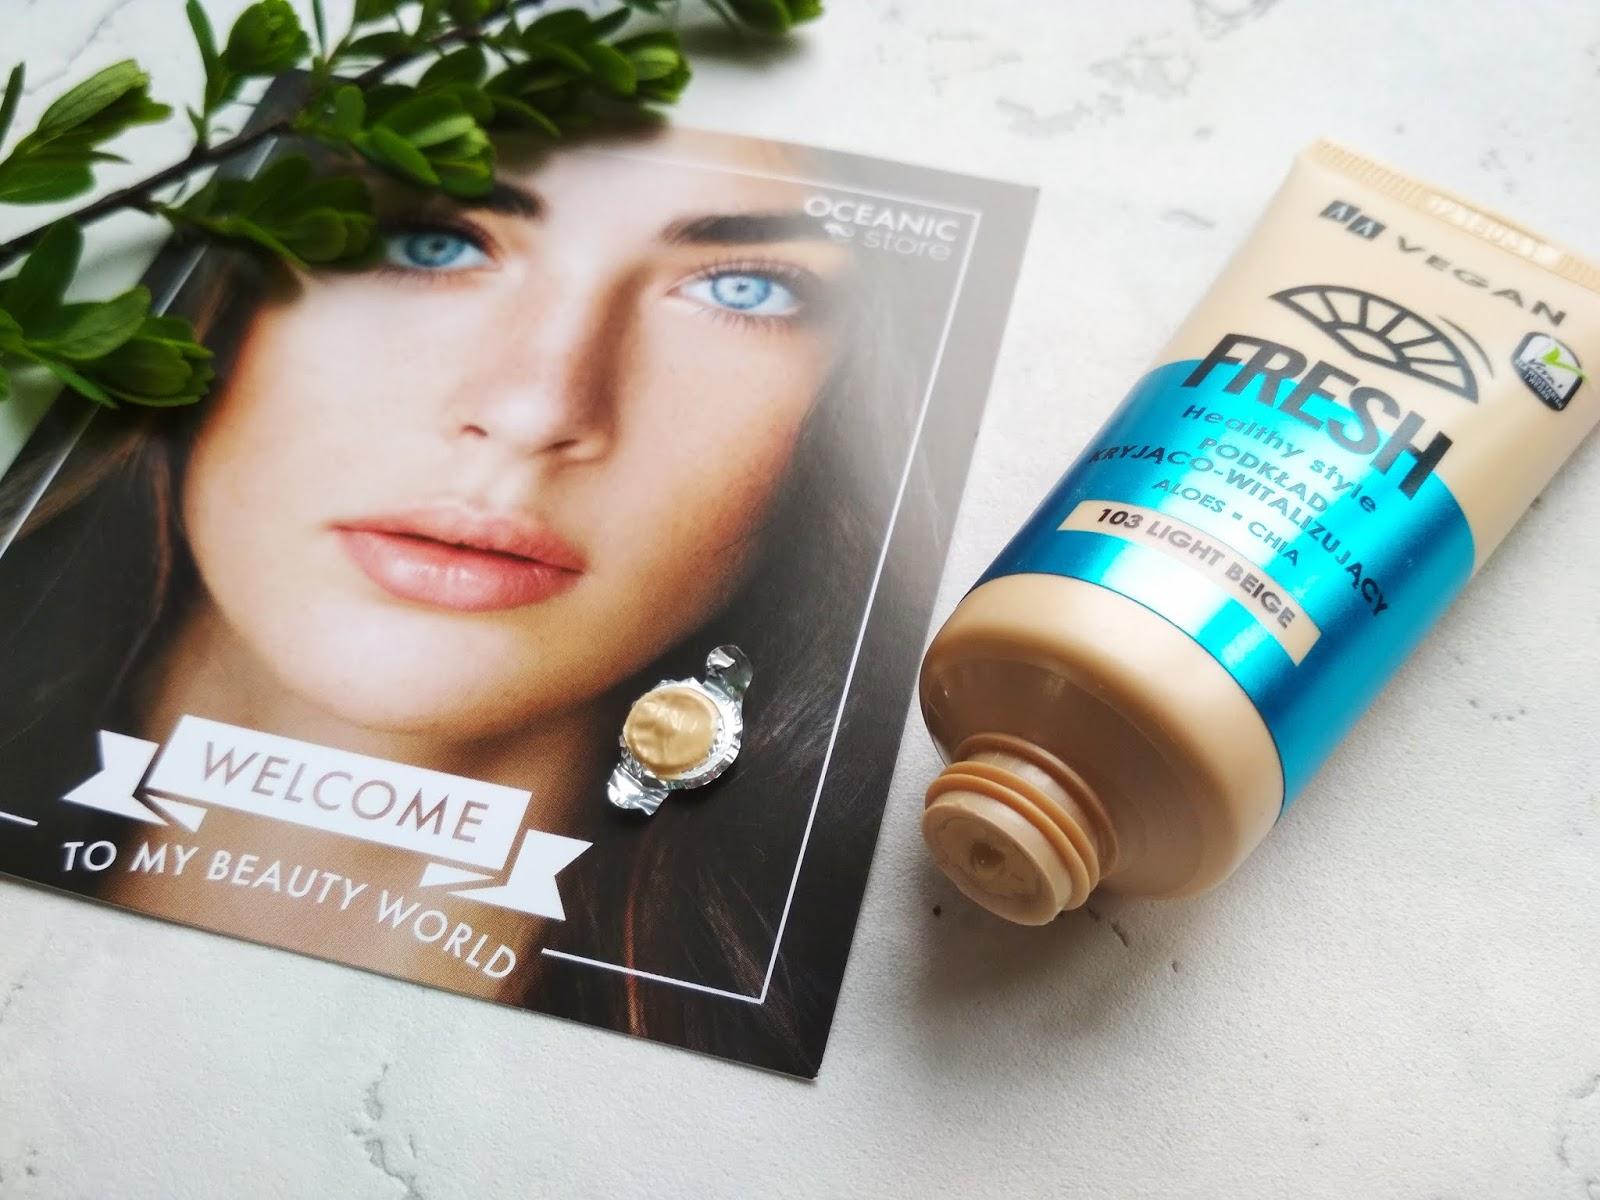 AA VEGAN FRESH Podkład kryjąco-rewitalizujący 103 LIGHT BEIGE, podkłąd, makijaż, testowanie, twoje źródło urody, kosmetyki aa, blog kosmetyczny, blog urodowy, blog trójmiasto, blog gdynia, najlepszy blog kosmetyczny